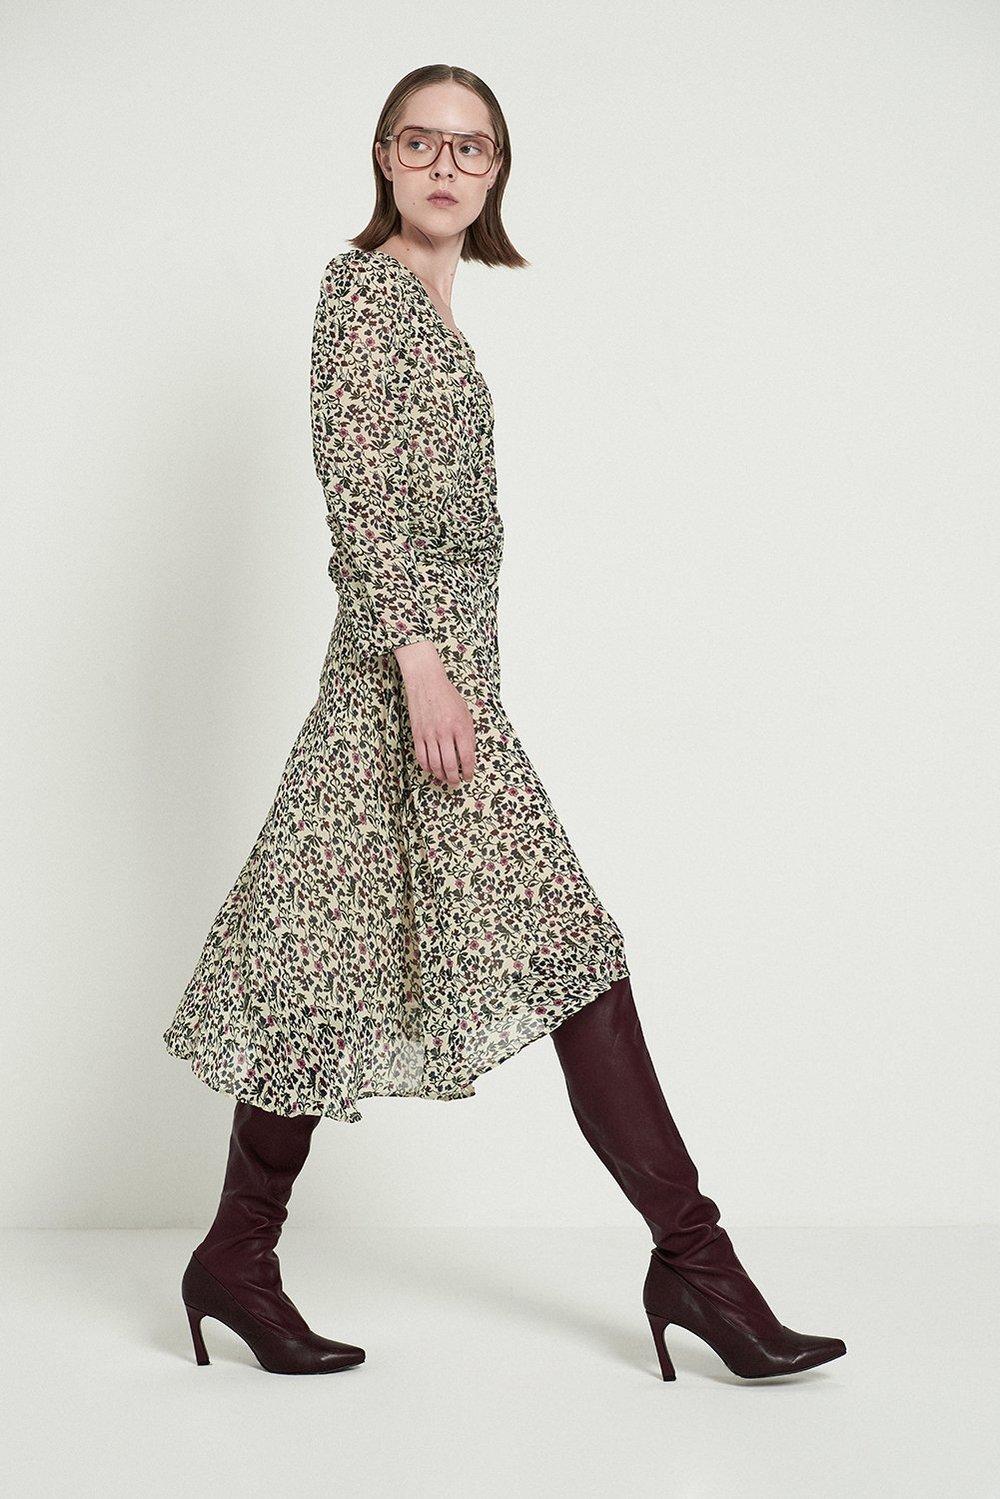 Shirred Waist V-neck Floral Dress, $89.79